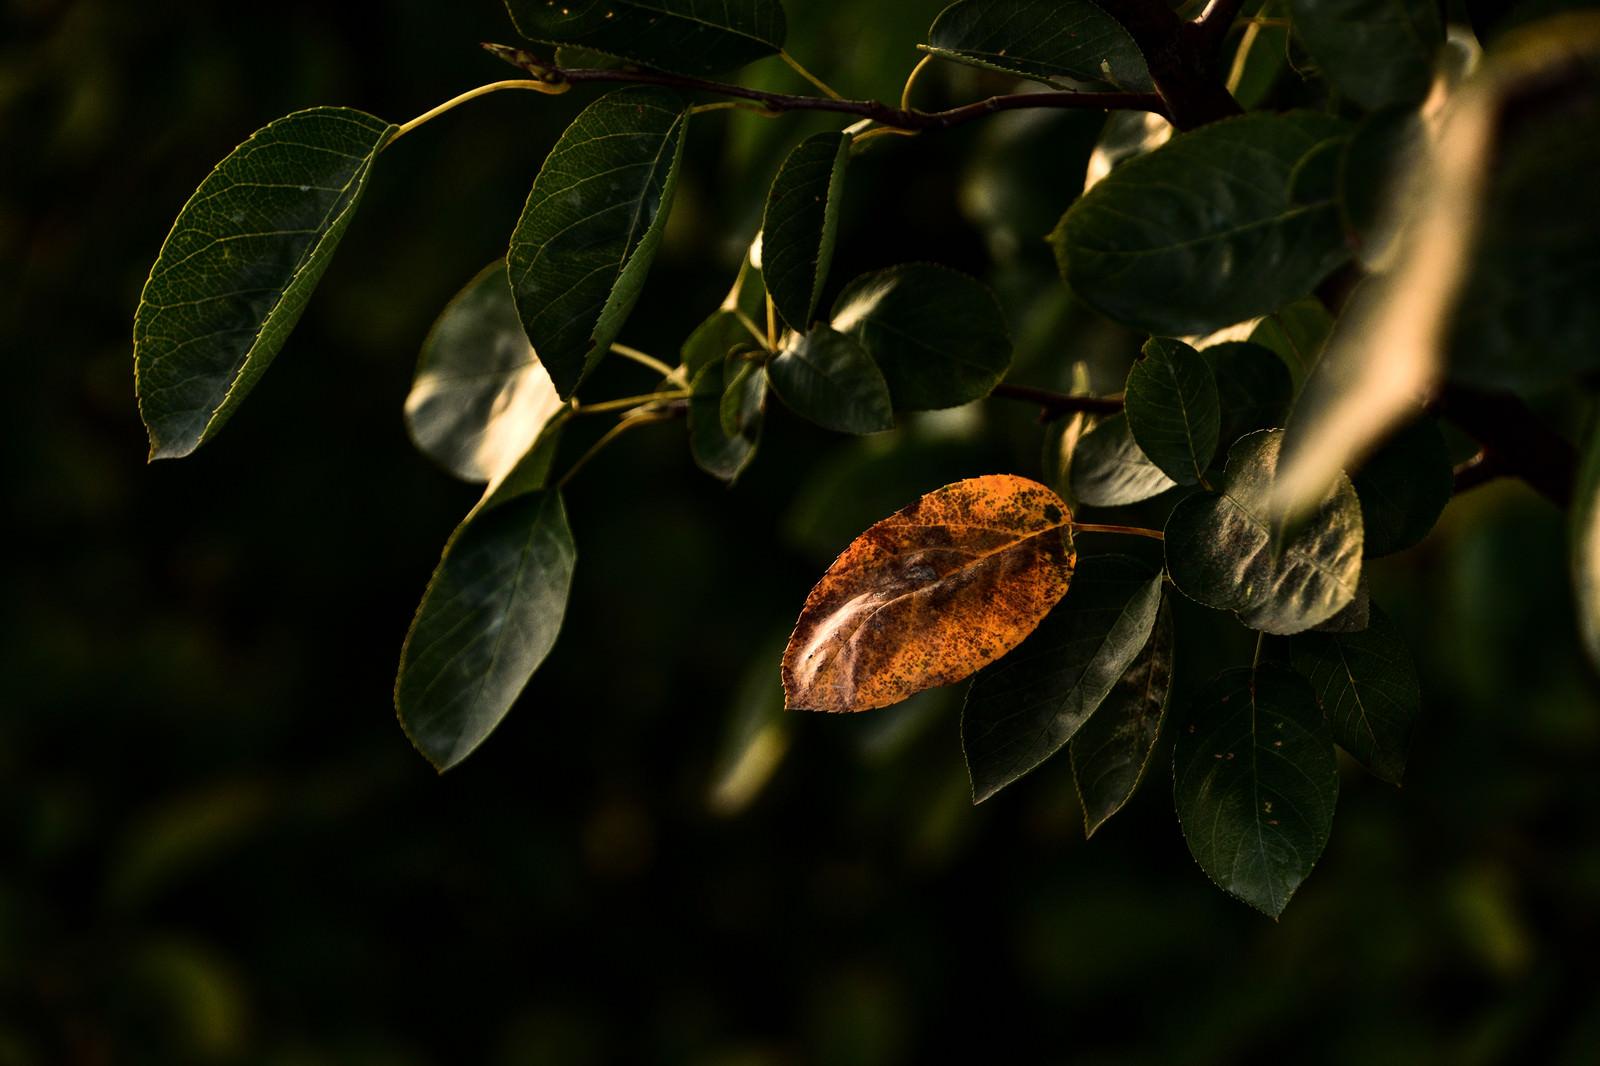 「一枚だけ紅葉した葉っぱ」の写真